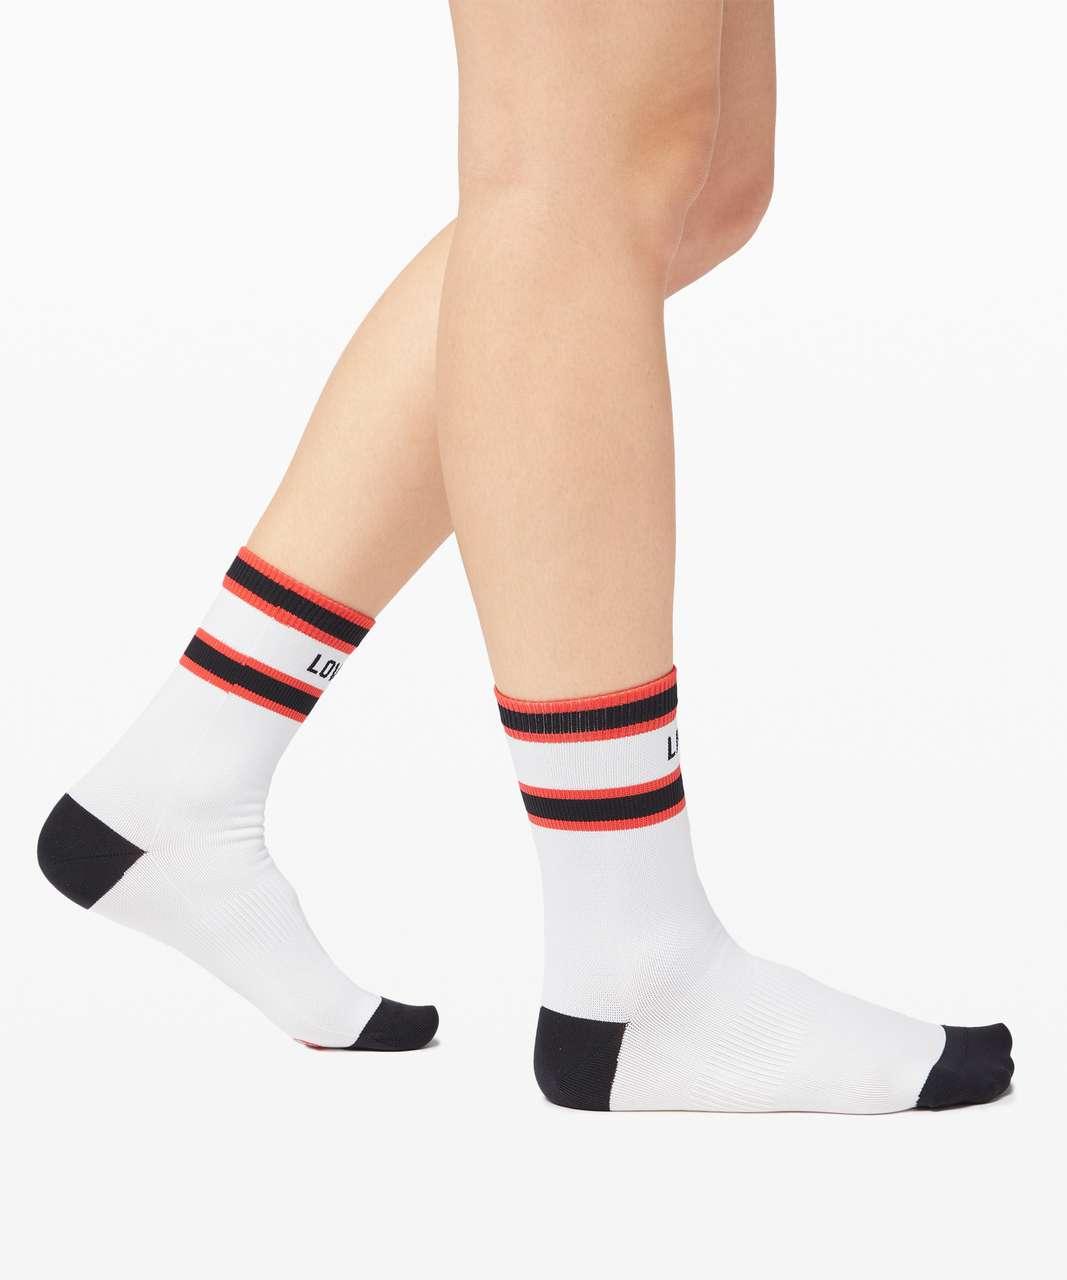 Lululemon Tale To Tell Quarter Sock *2 Pack - White / Black / Carnation Red